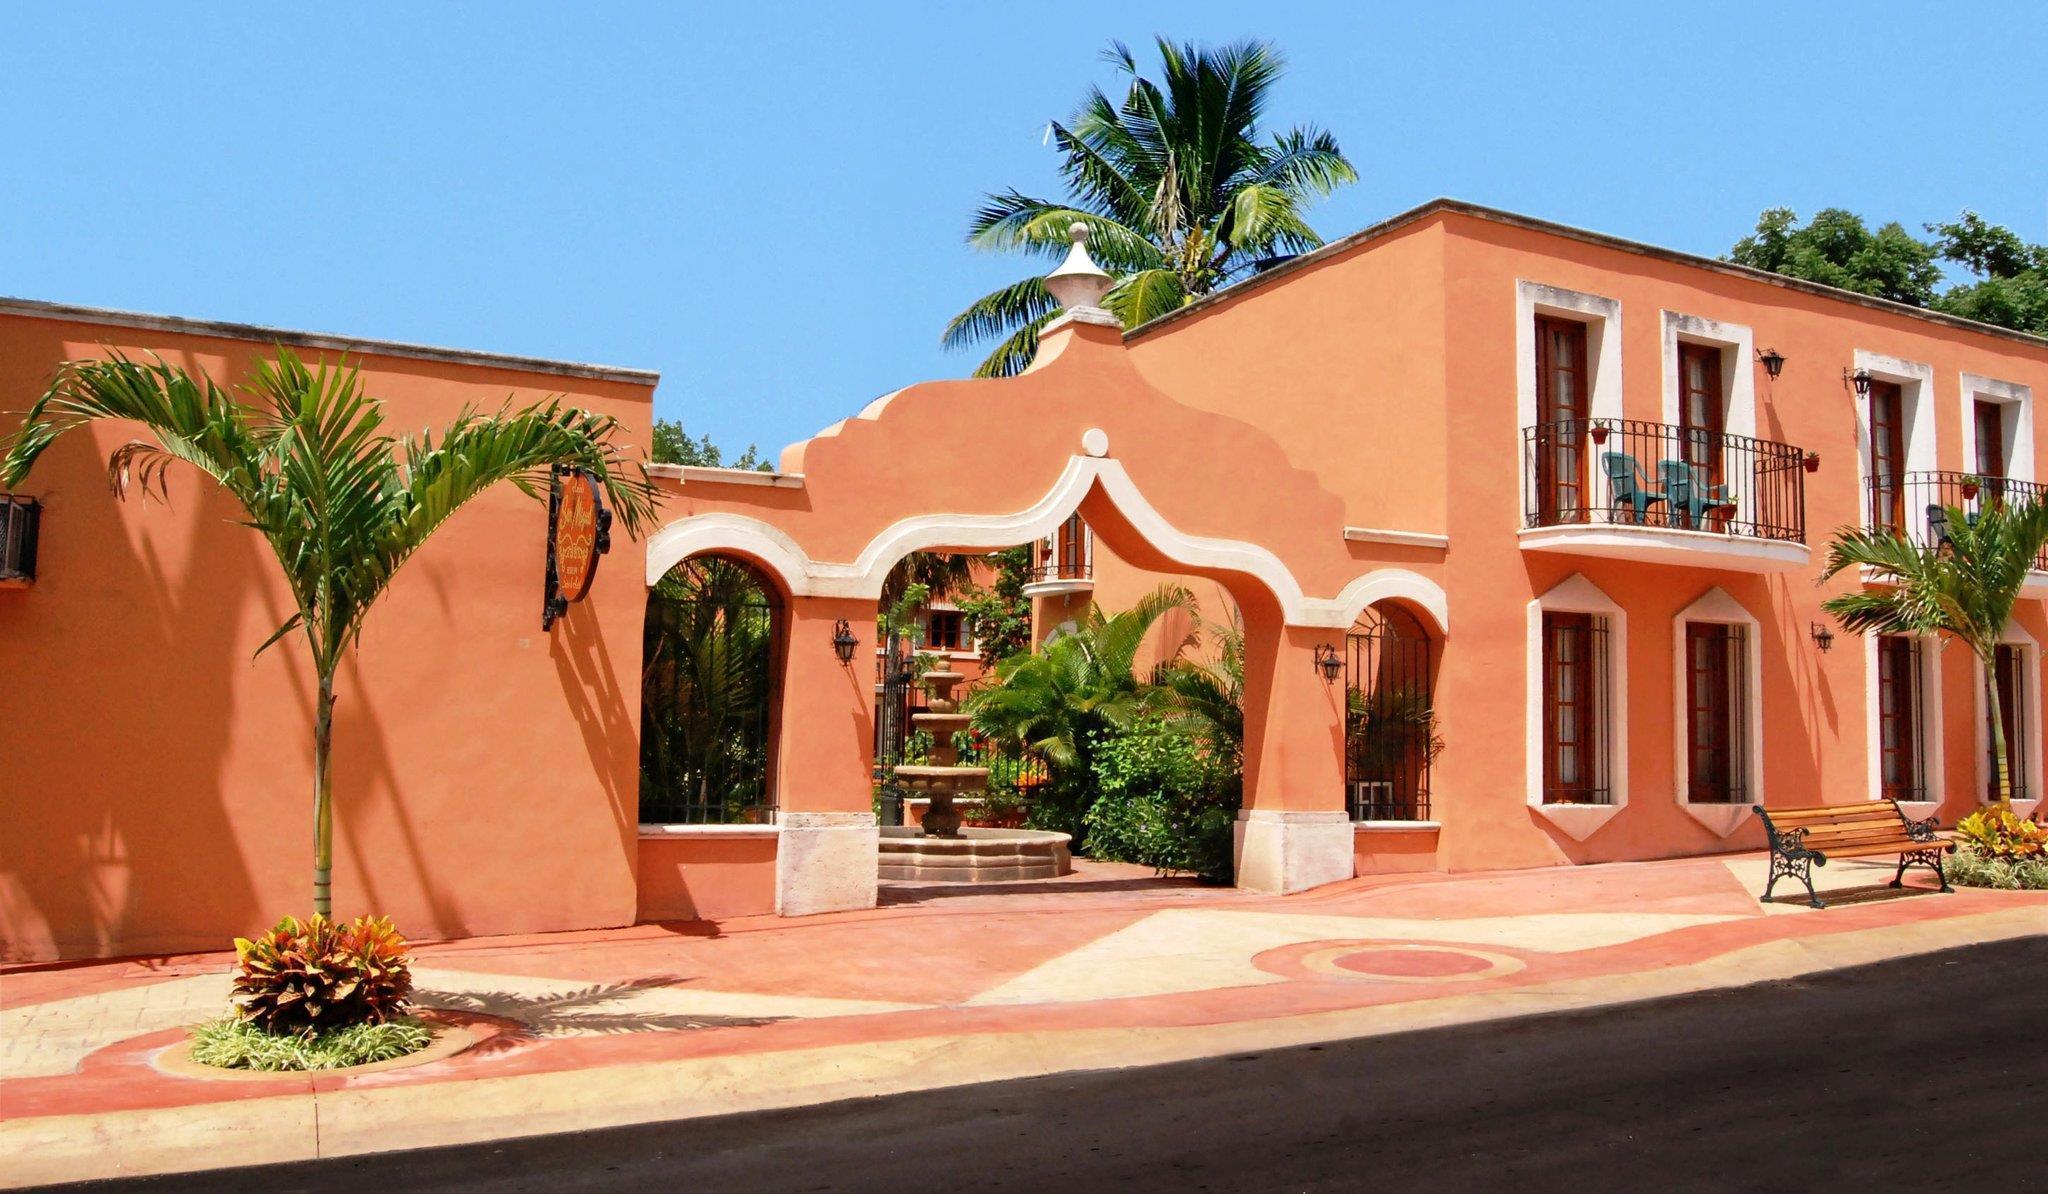 Hacienda San Miguel Hotel And Suites